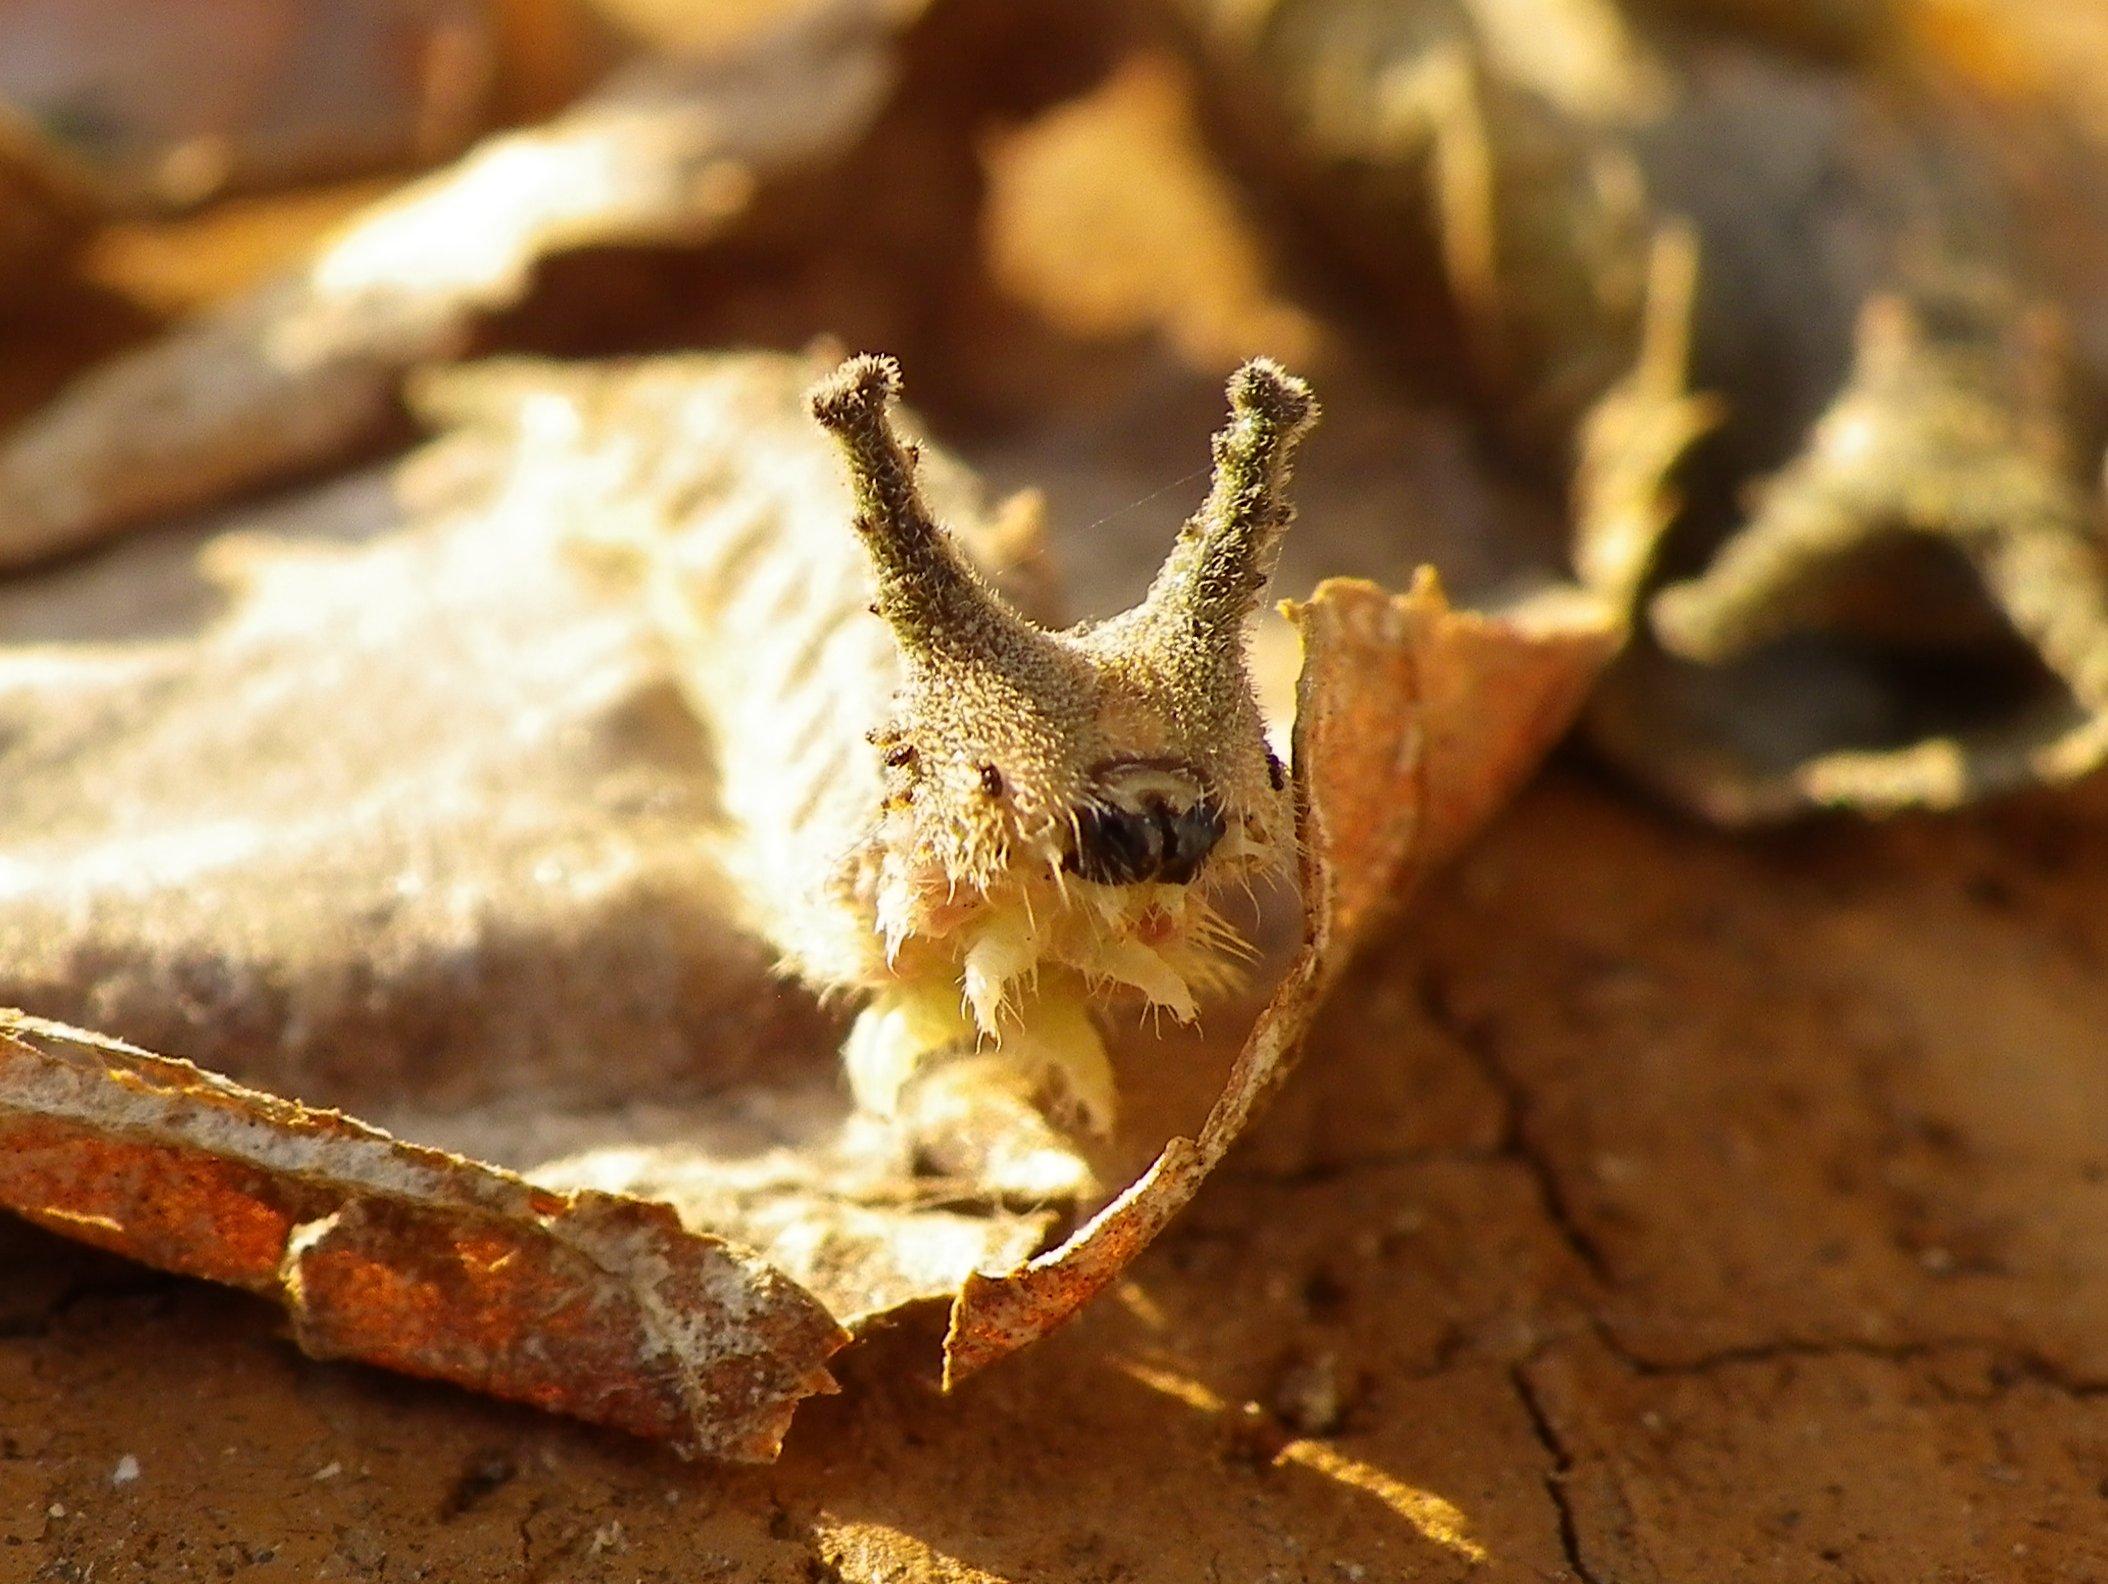 ゴマダラチョウの幼虫達_d0254540_19582512.jpg